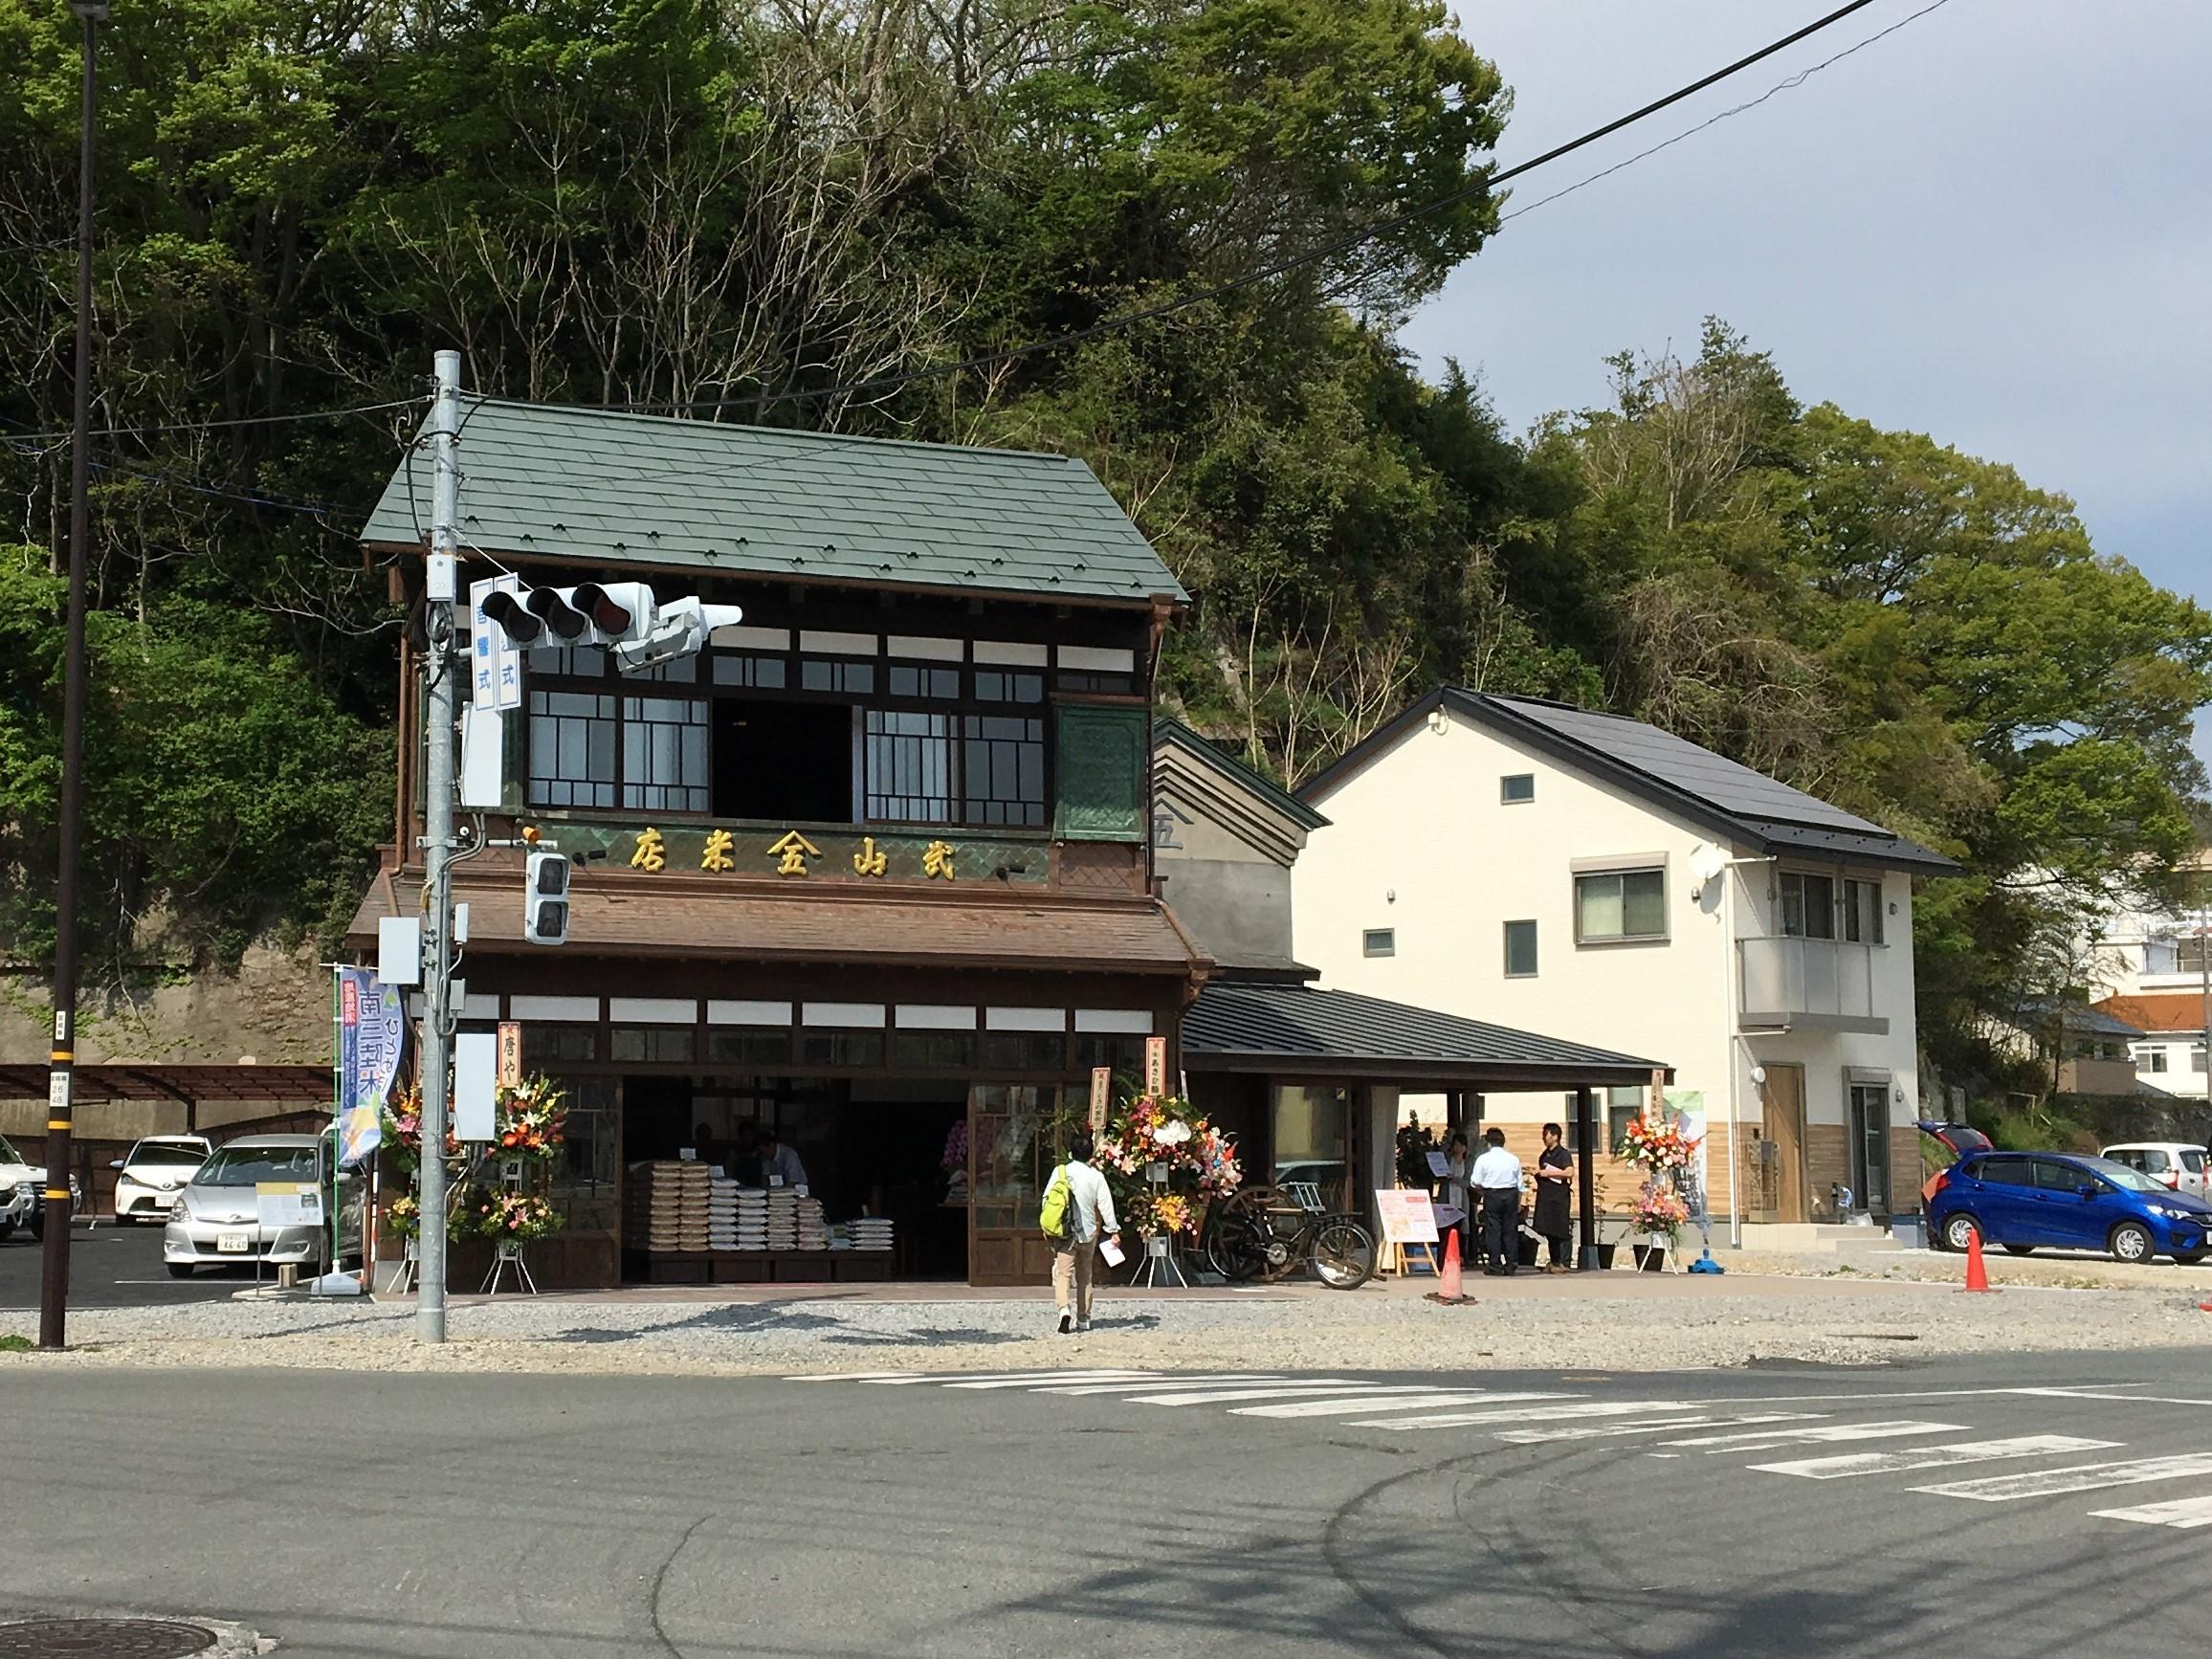 武山米店店舗及び主屋